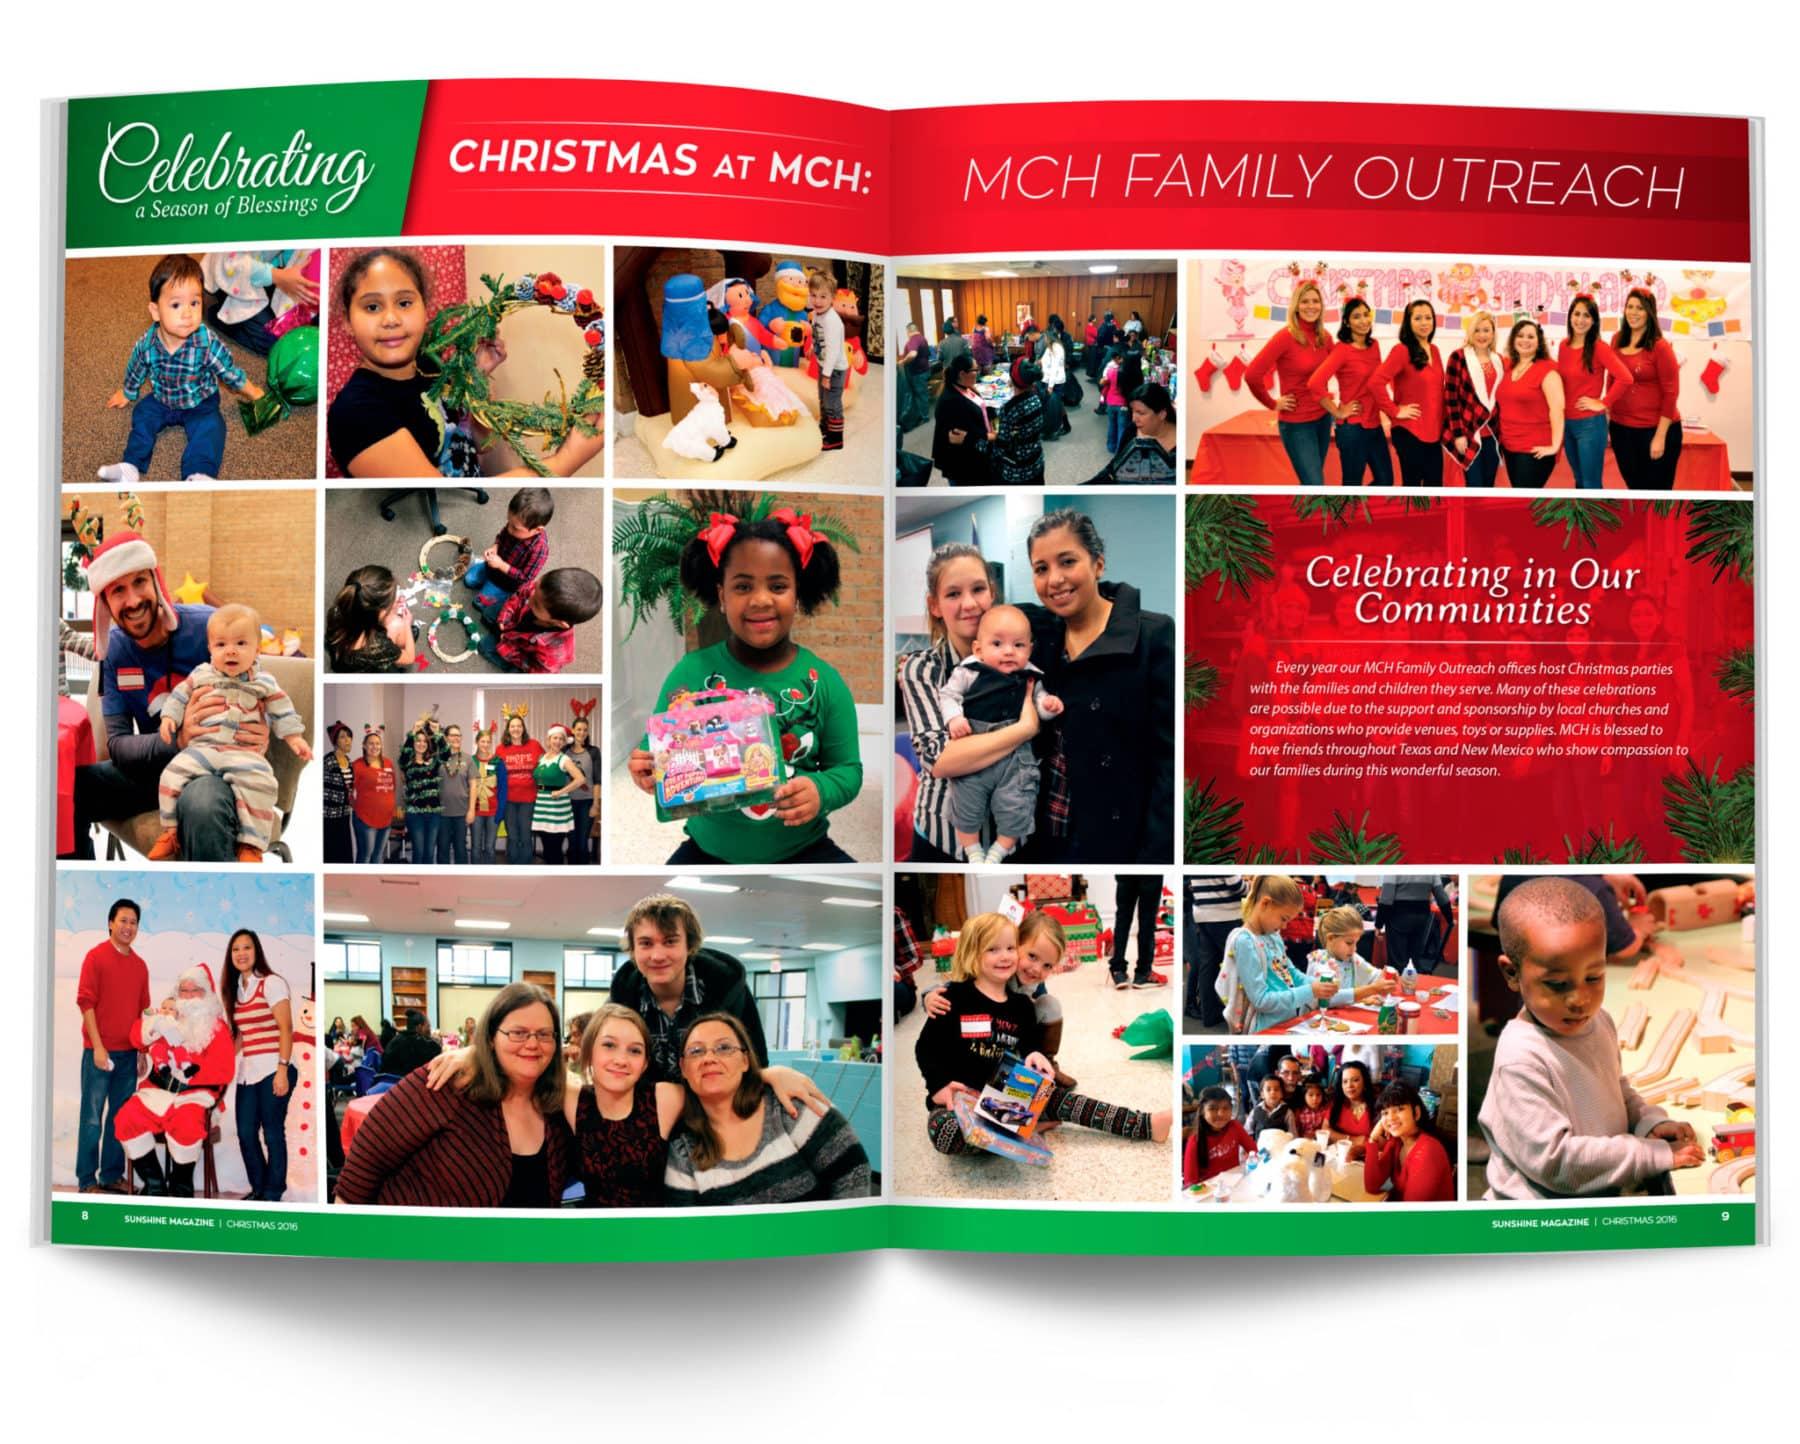 MCH Family Outreach Magazine Spread